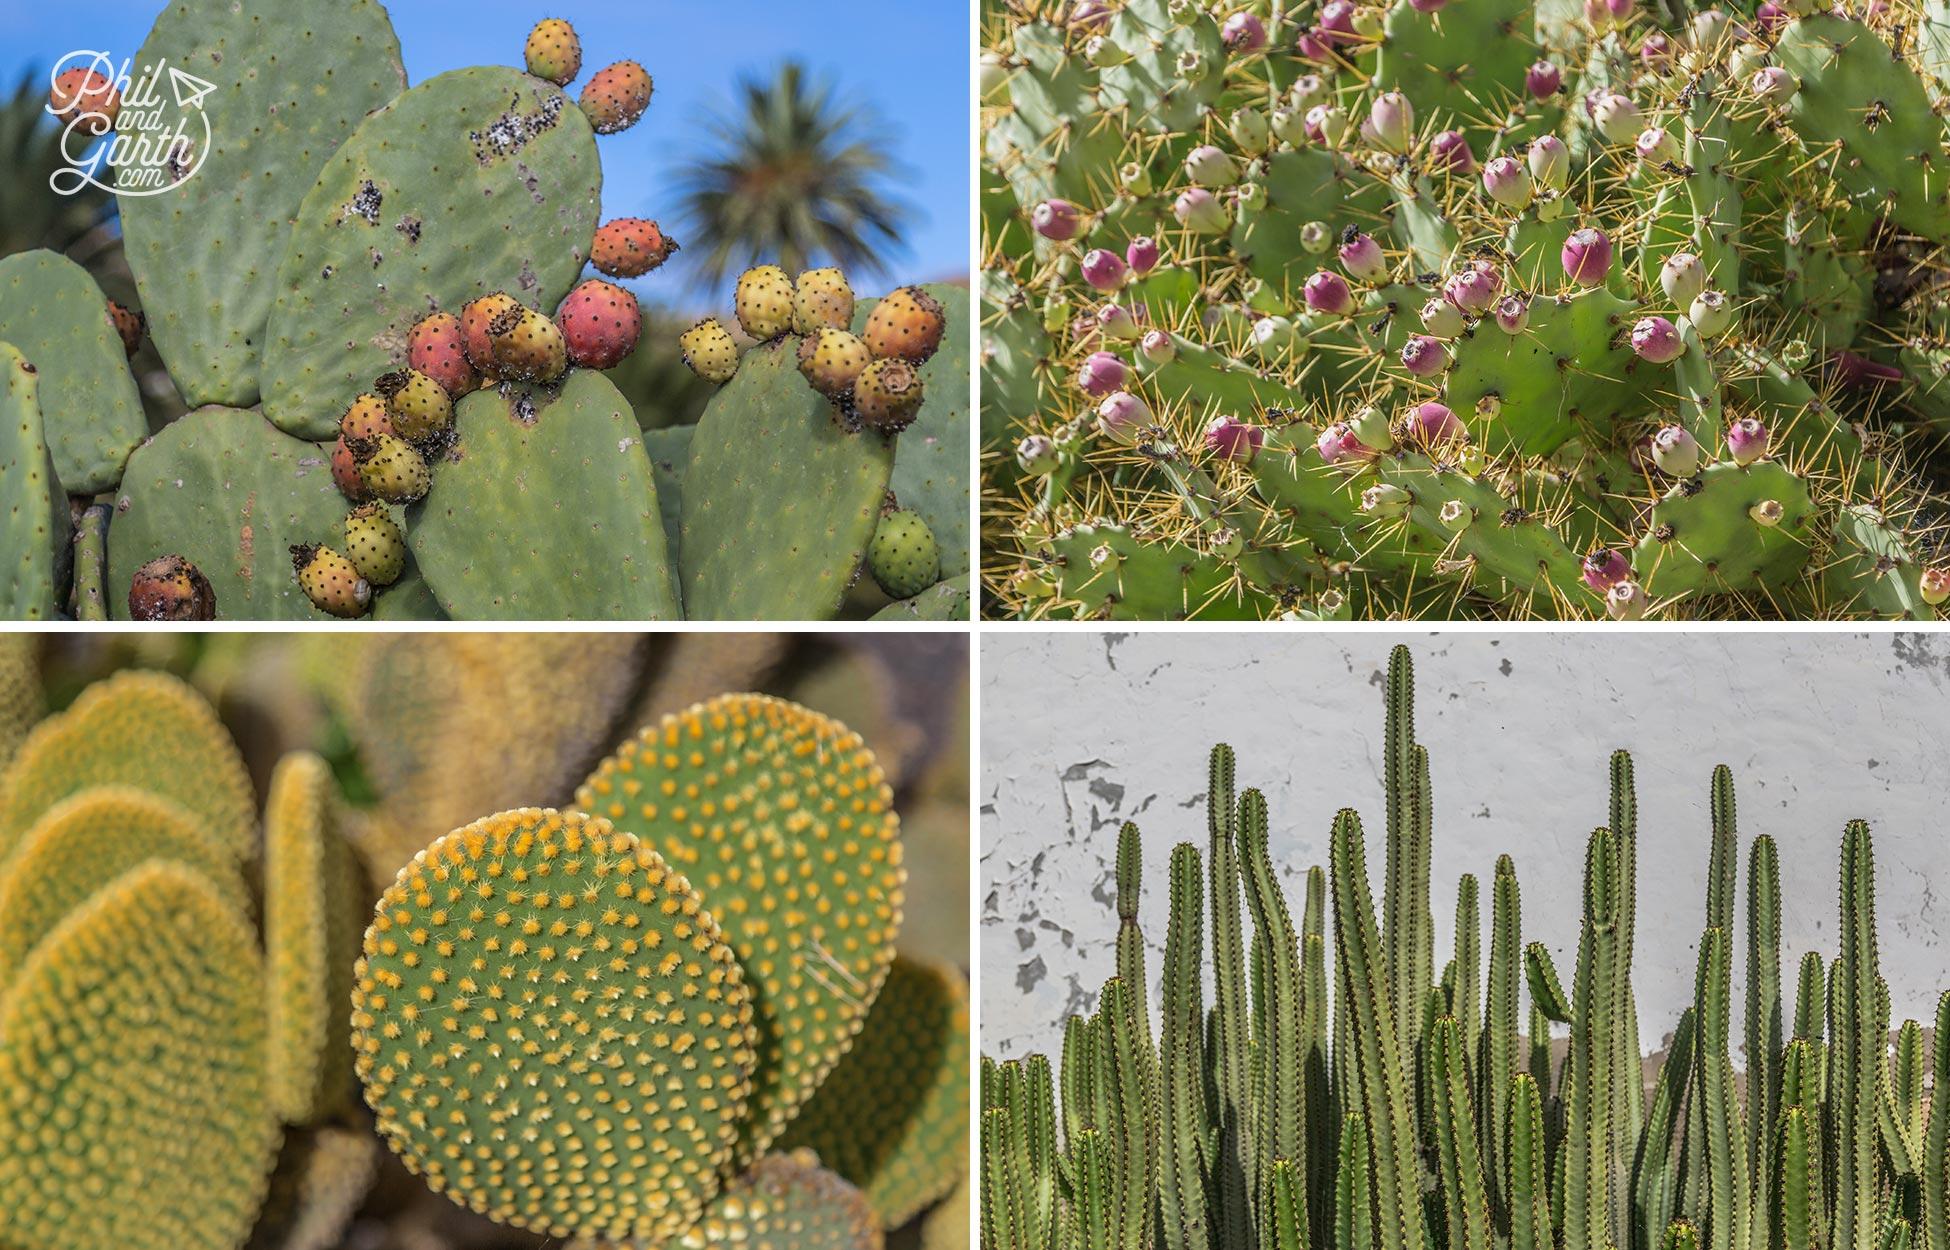 Impressive cactus plants